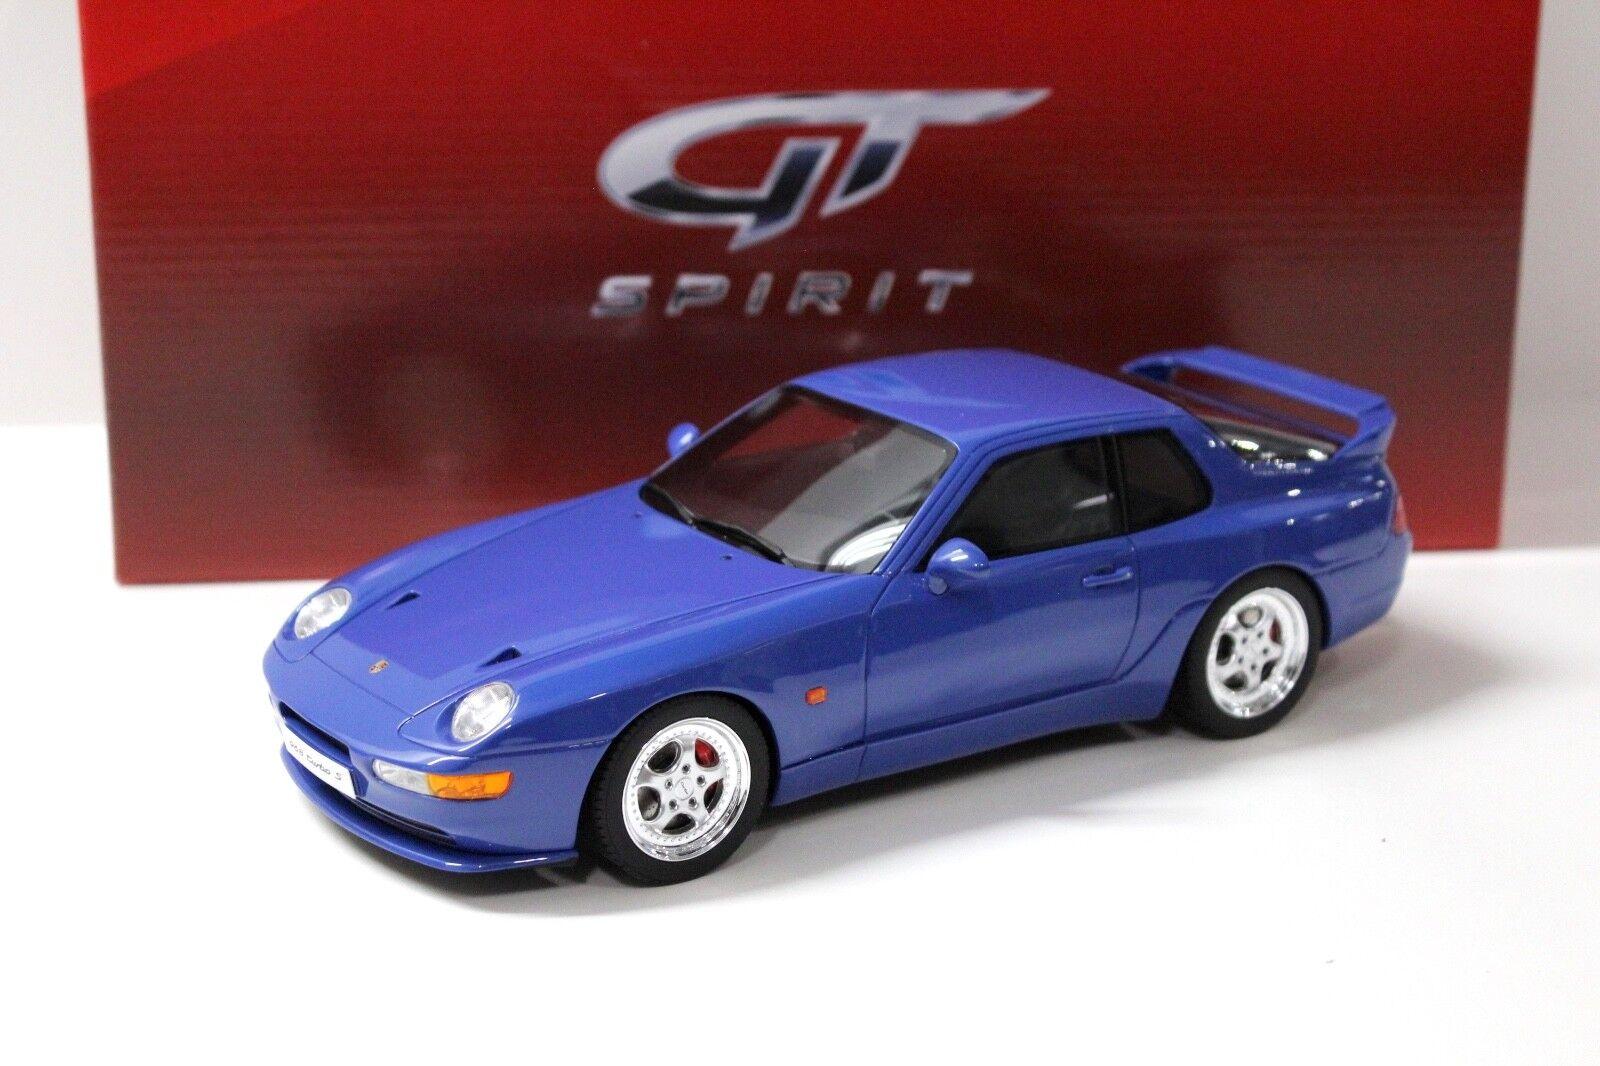 1 18 GT GT GT Spirit Porsche 968 Turbo S Coupe 1993 bluee NEW bei PREMIUM-MODELCARS 9065a4